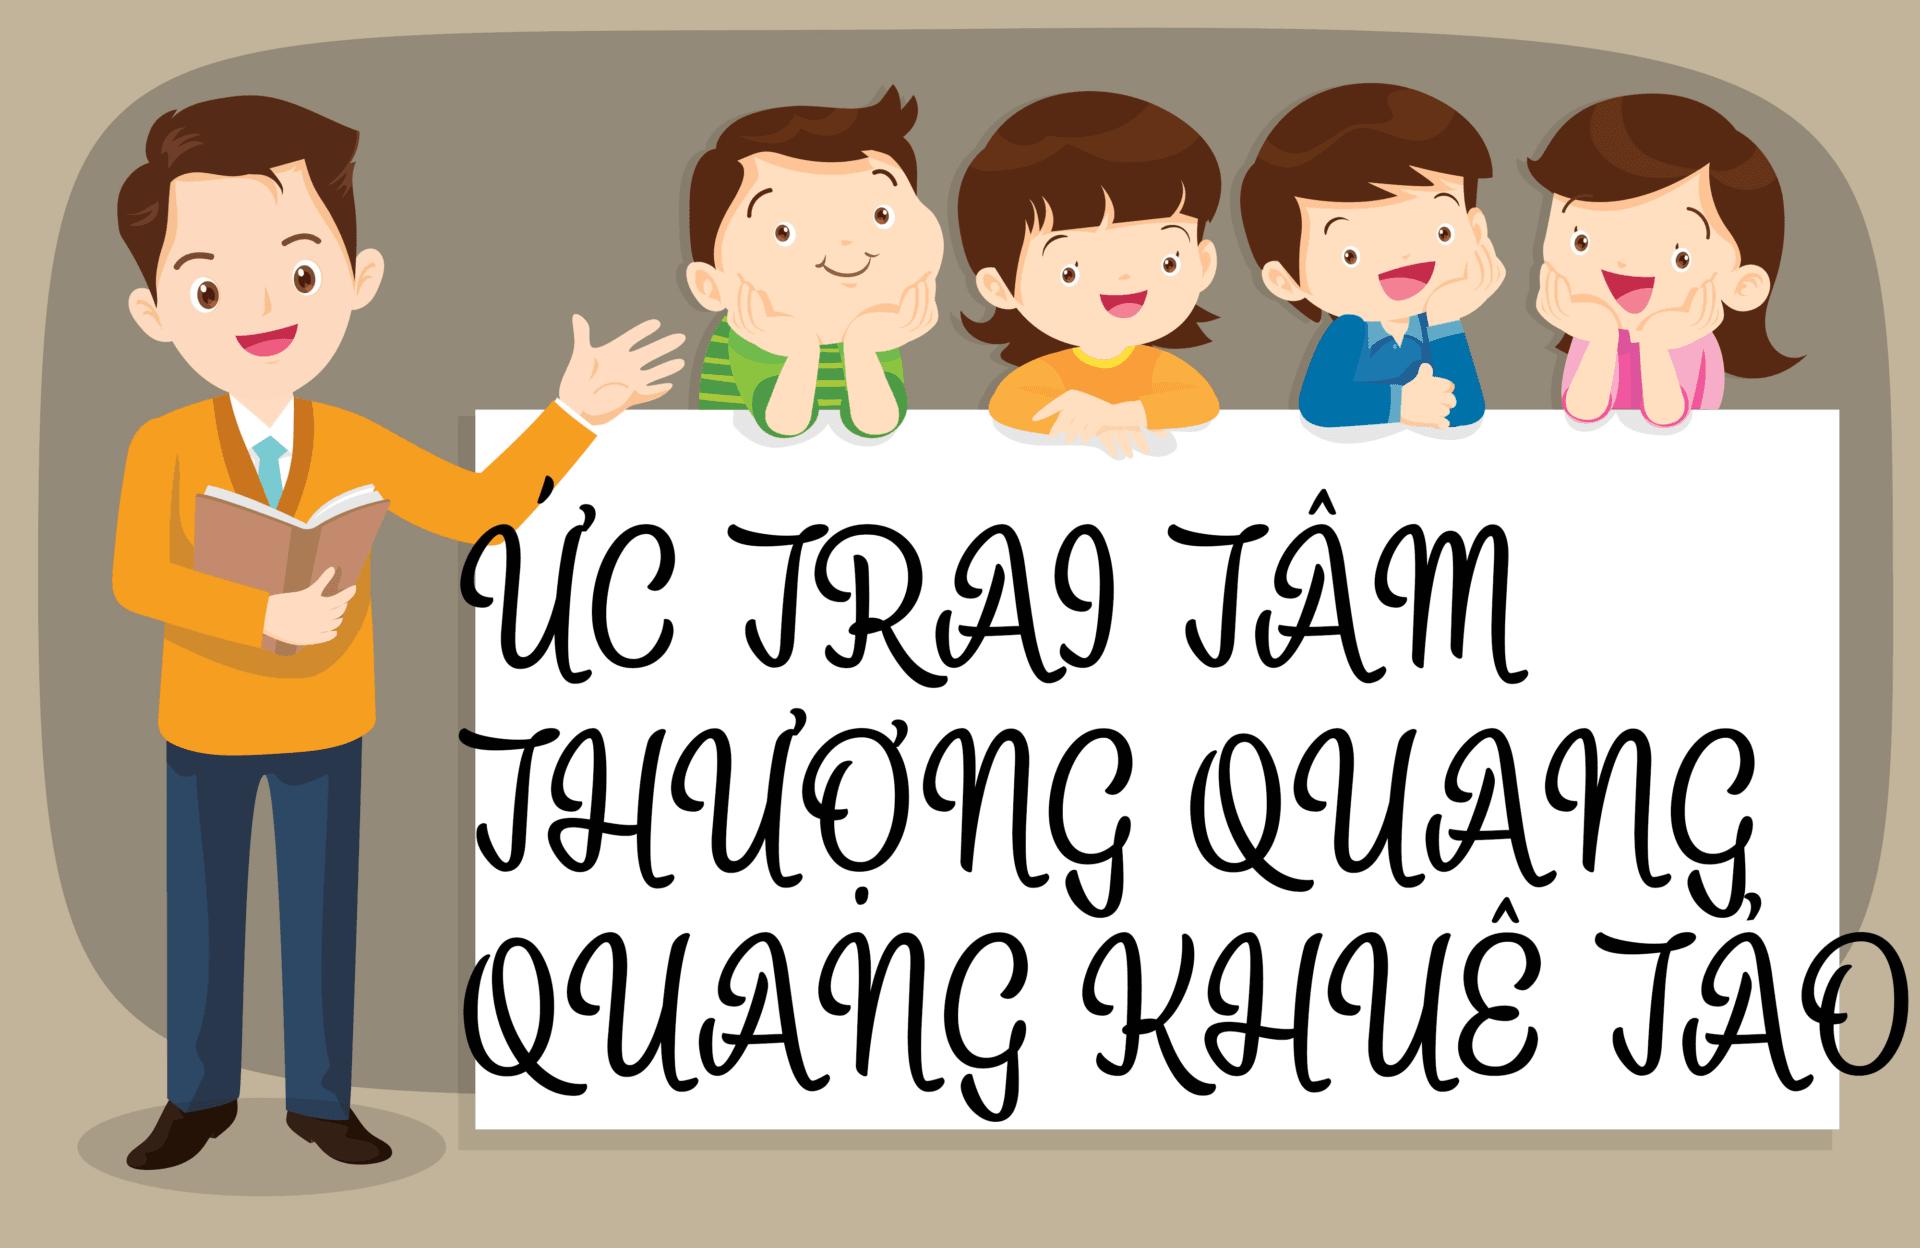 Nói về Nguyễn Trãi, vua Lê Thánh Tông đã mệnh danh ông là Ức Trai tâm thượng quang Khuê tảo. Bằng tài năng và nhân cách của Nguyễn Trãi, anh (chị) hãy chứng minh nhận định trên.